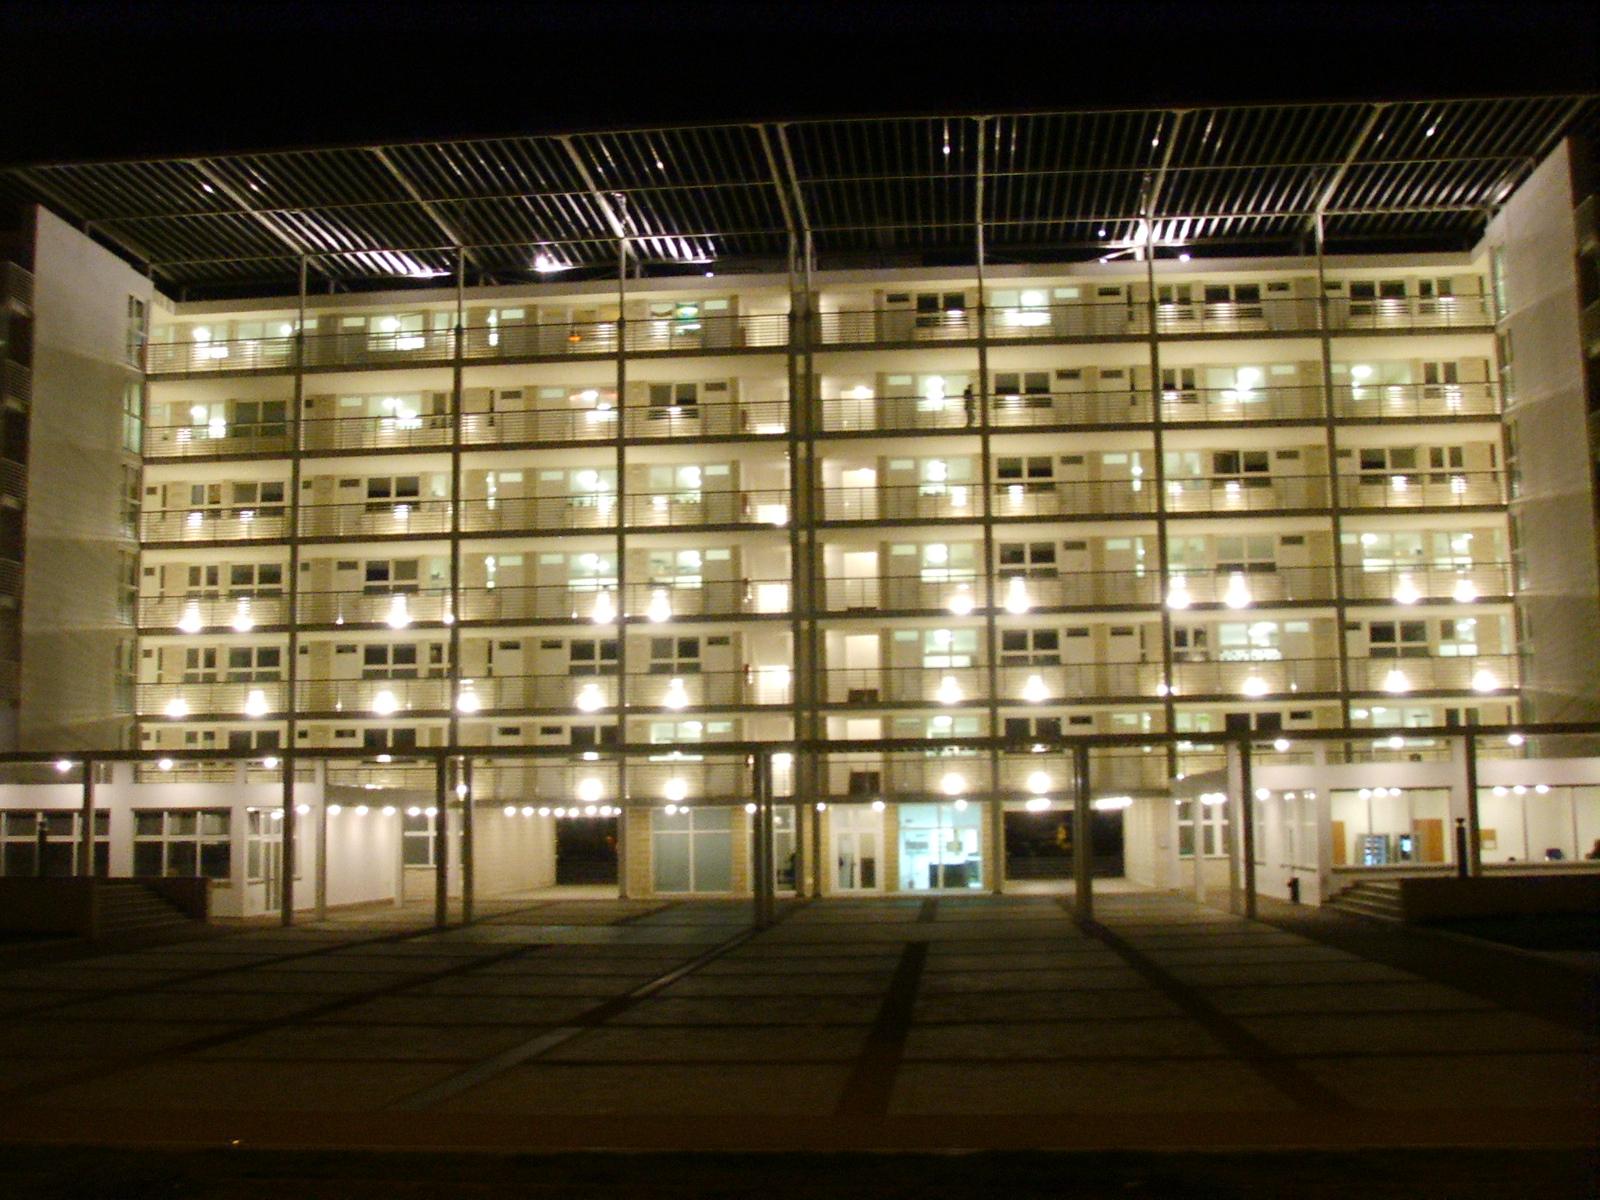 FileCasa dello studente firenze night 04JPG  Wikimedia Commons